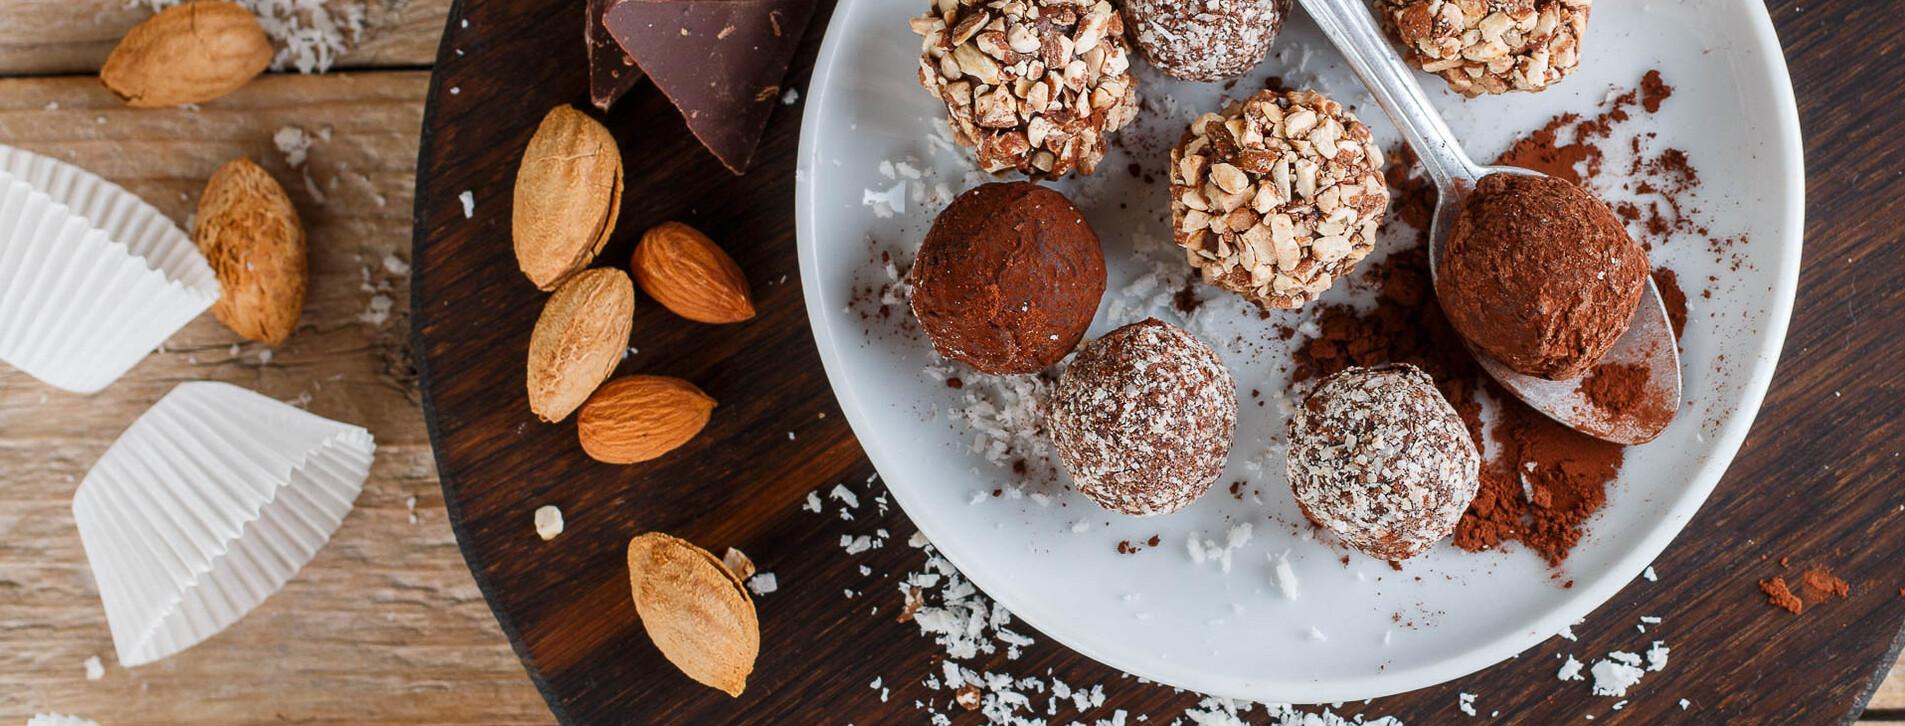 Fotoğraf 1 - İki Kişi için Çikolata Yapım Dersi